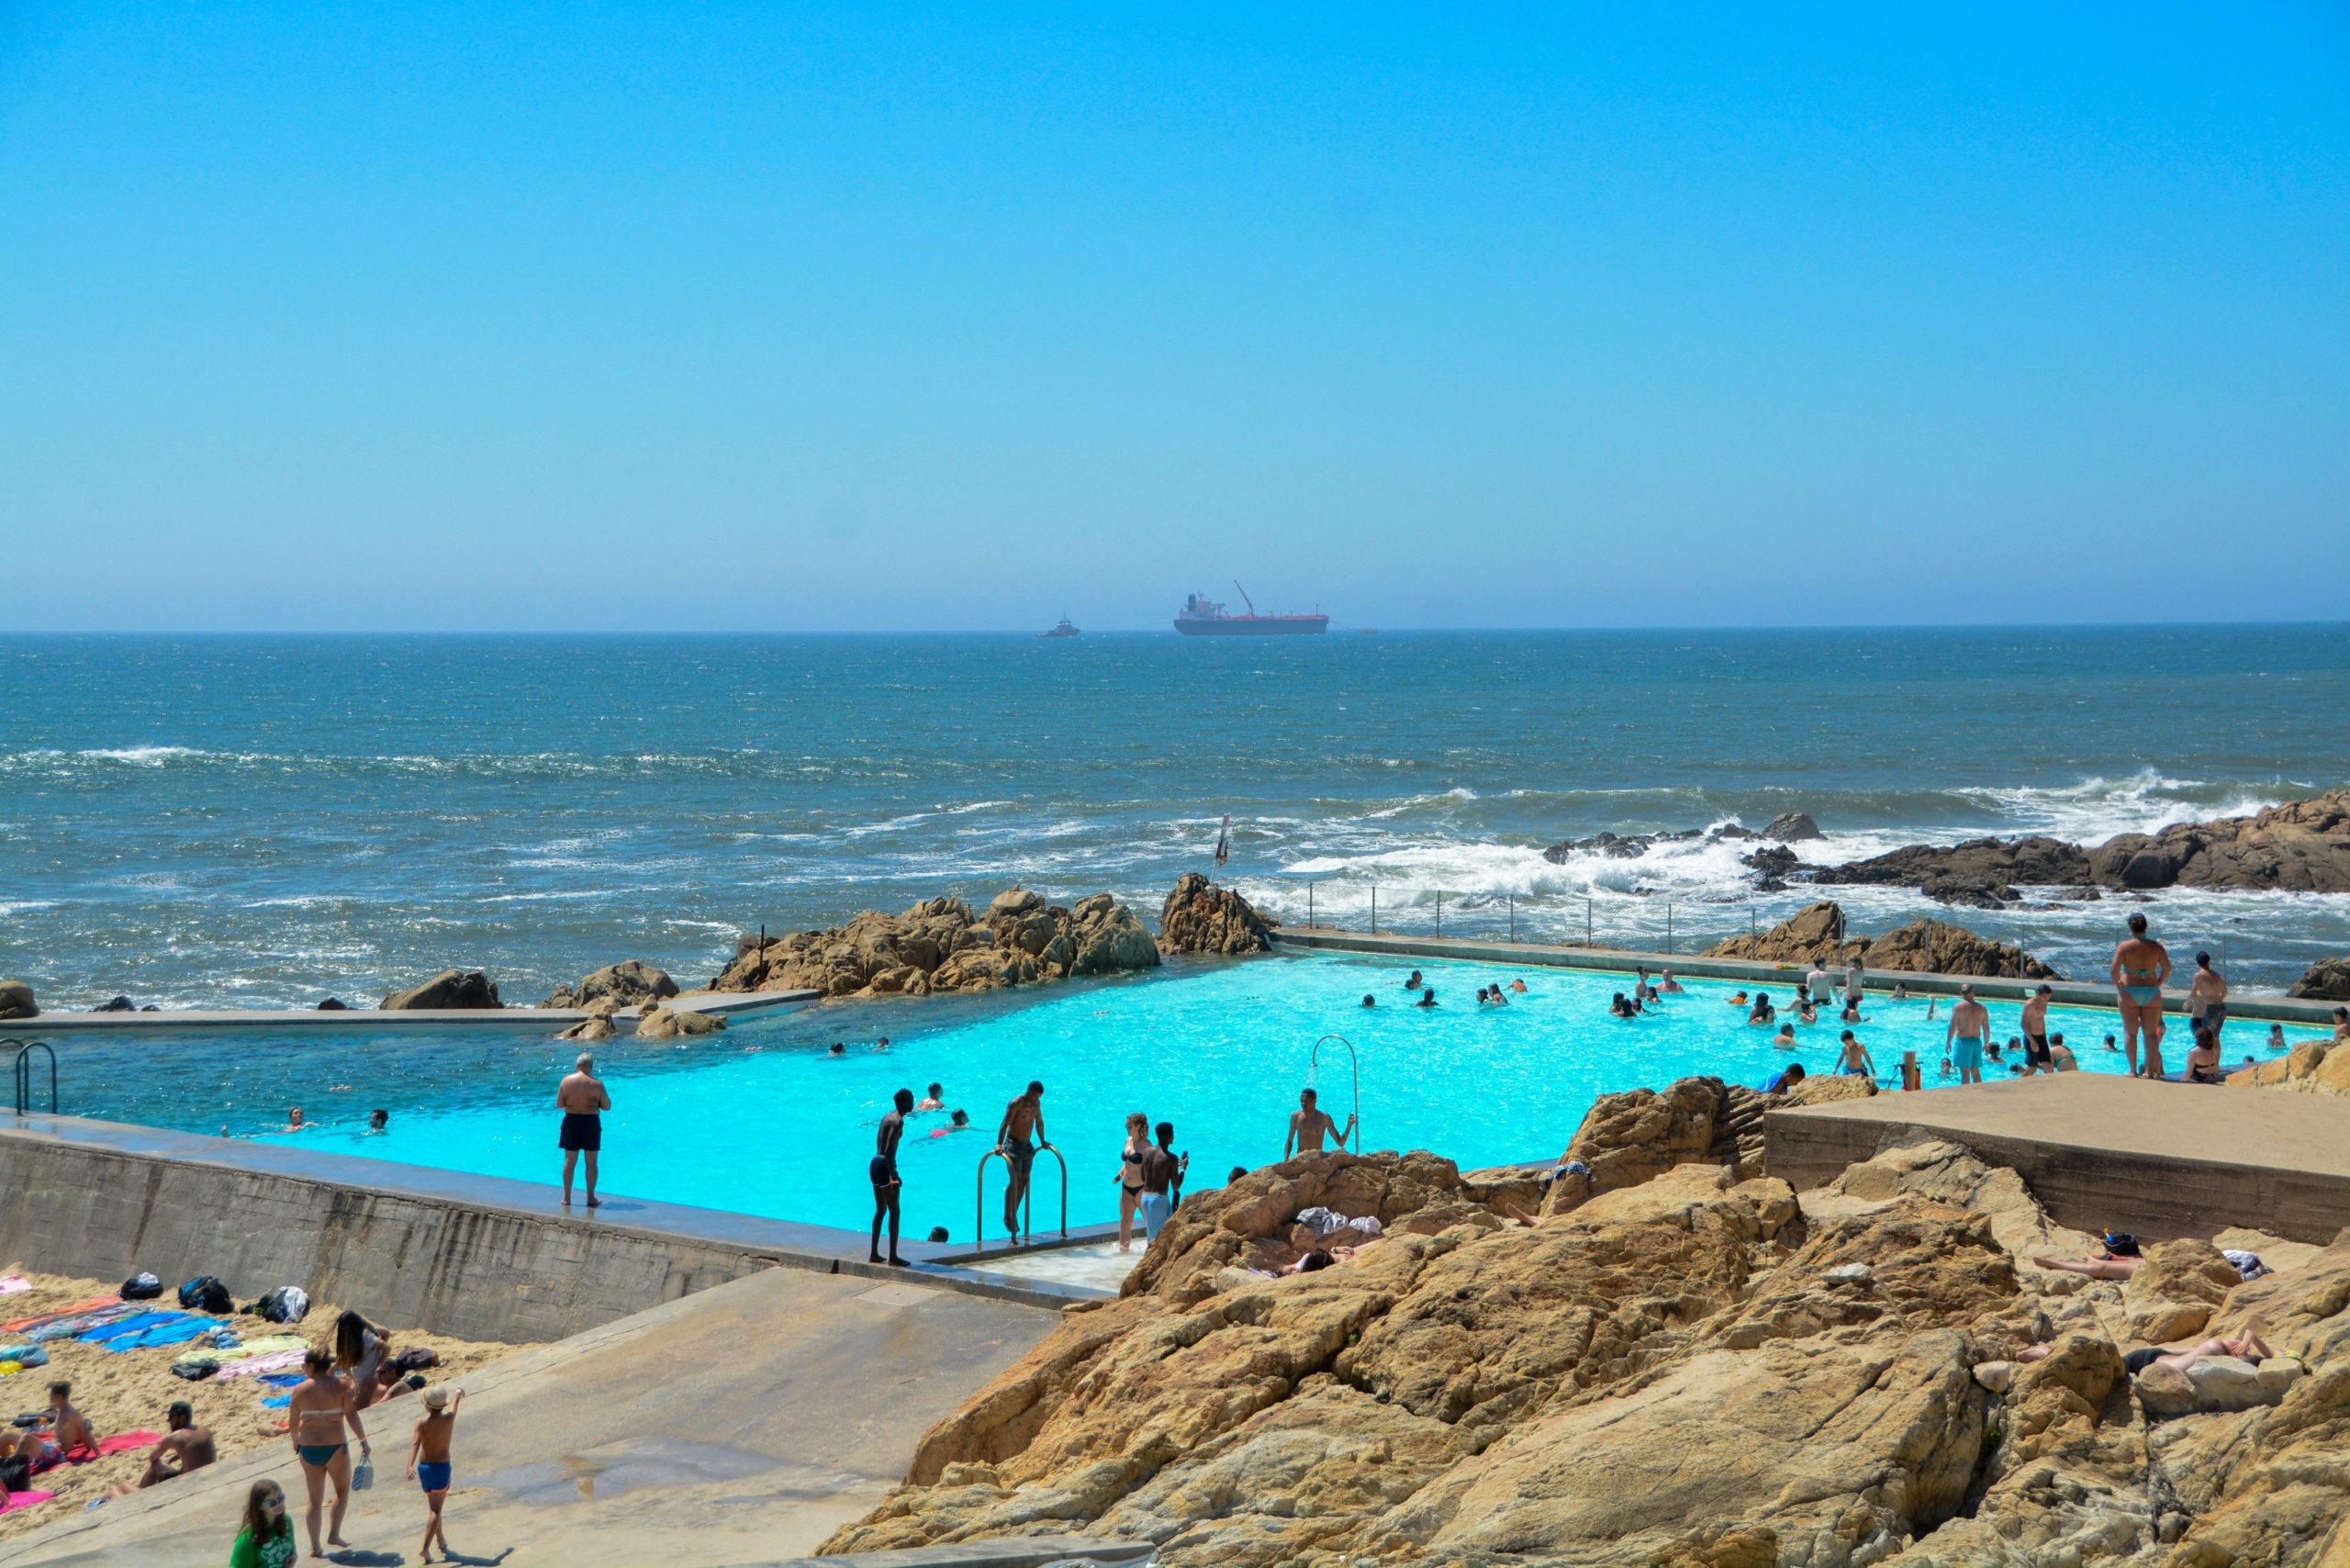 Schwimmbad Piscina das Mares in Matosinhos bei Porto